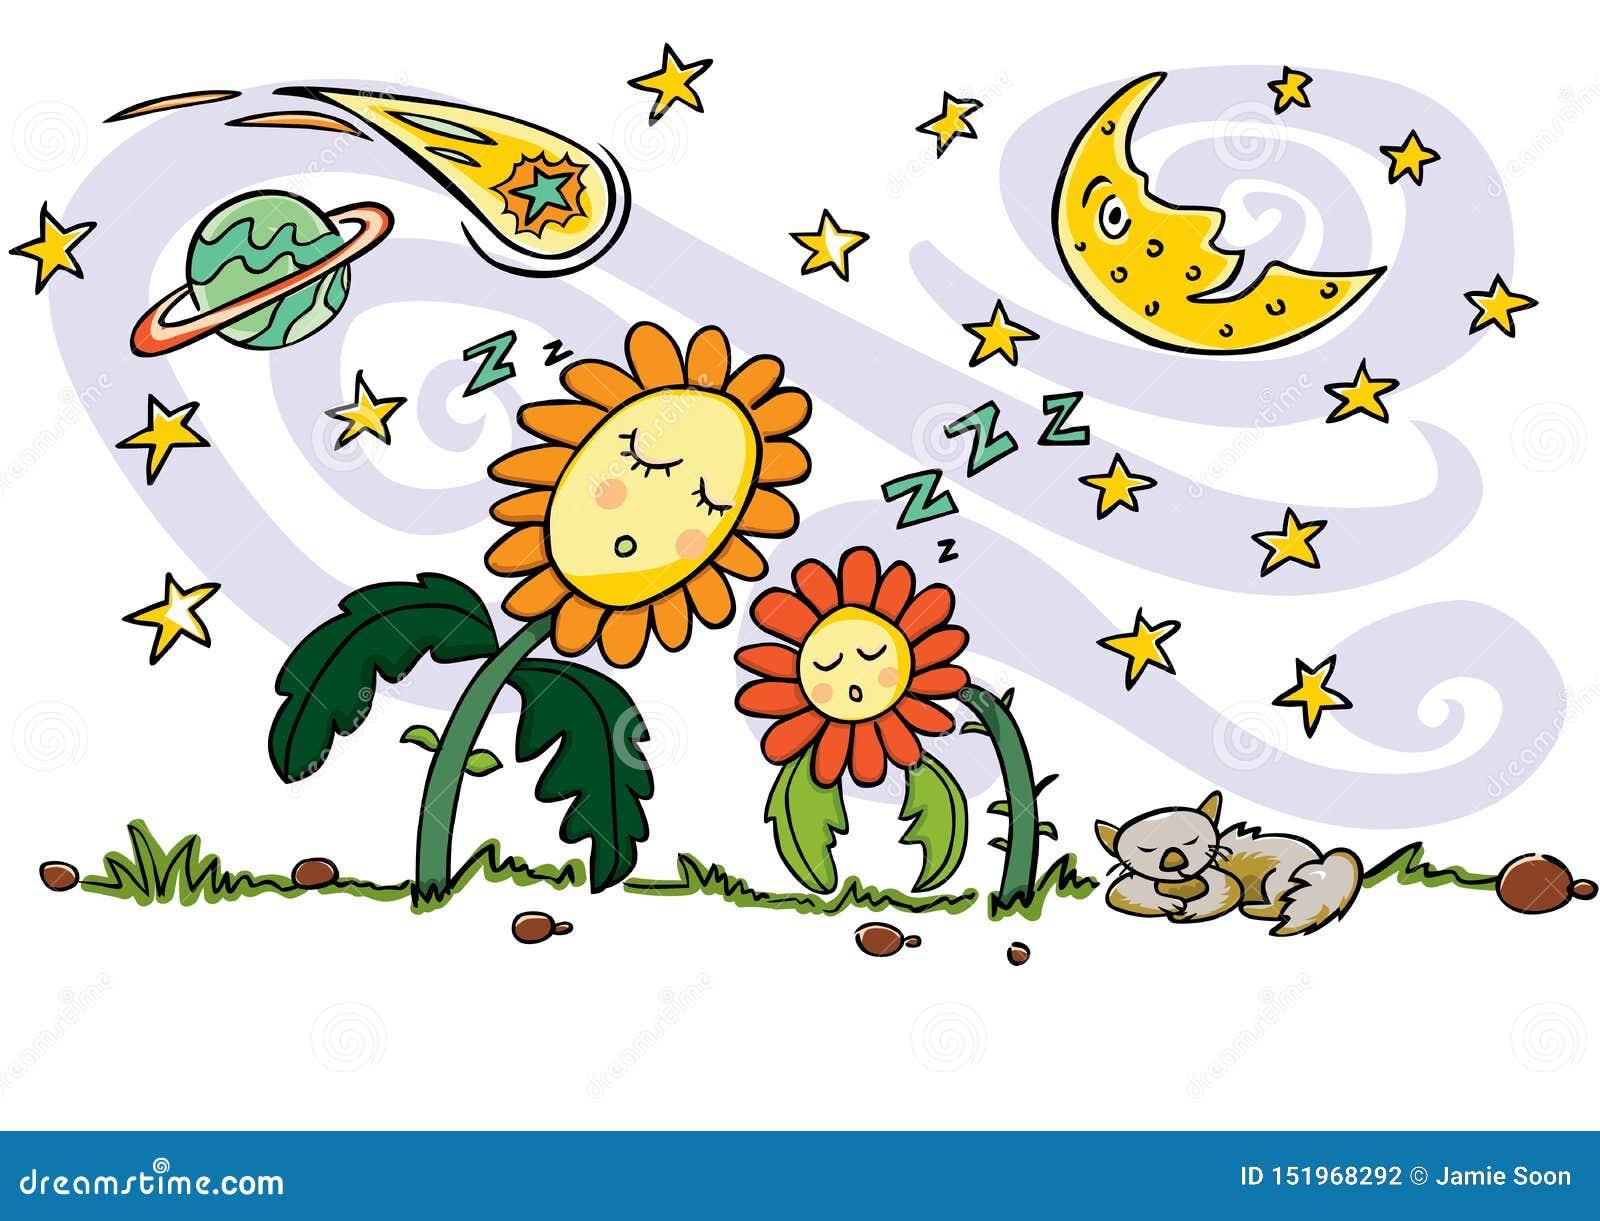 F?rgglad vektorteckning Gulliga sova solblommor, katt, växande måne-, planet-, komet- och skyttestjärnabeståndsdelar